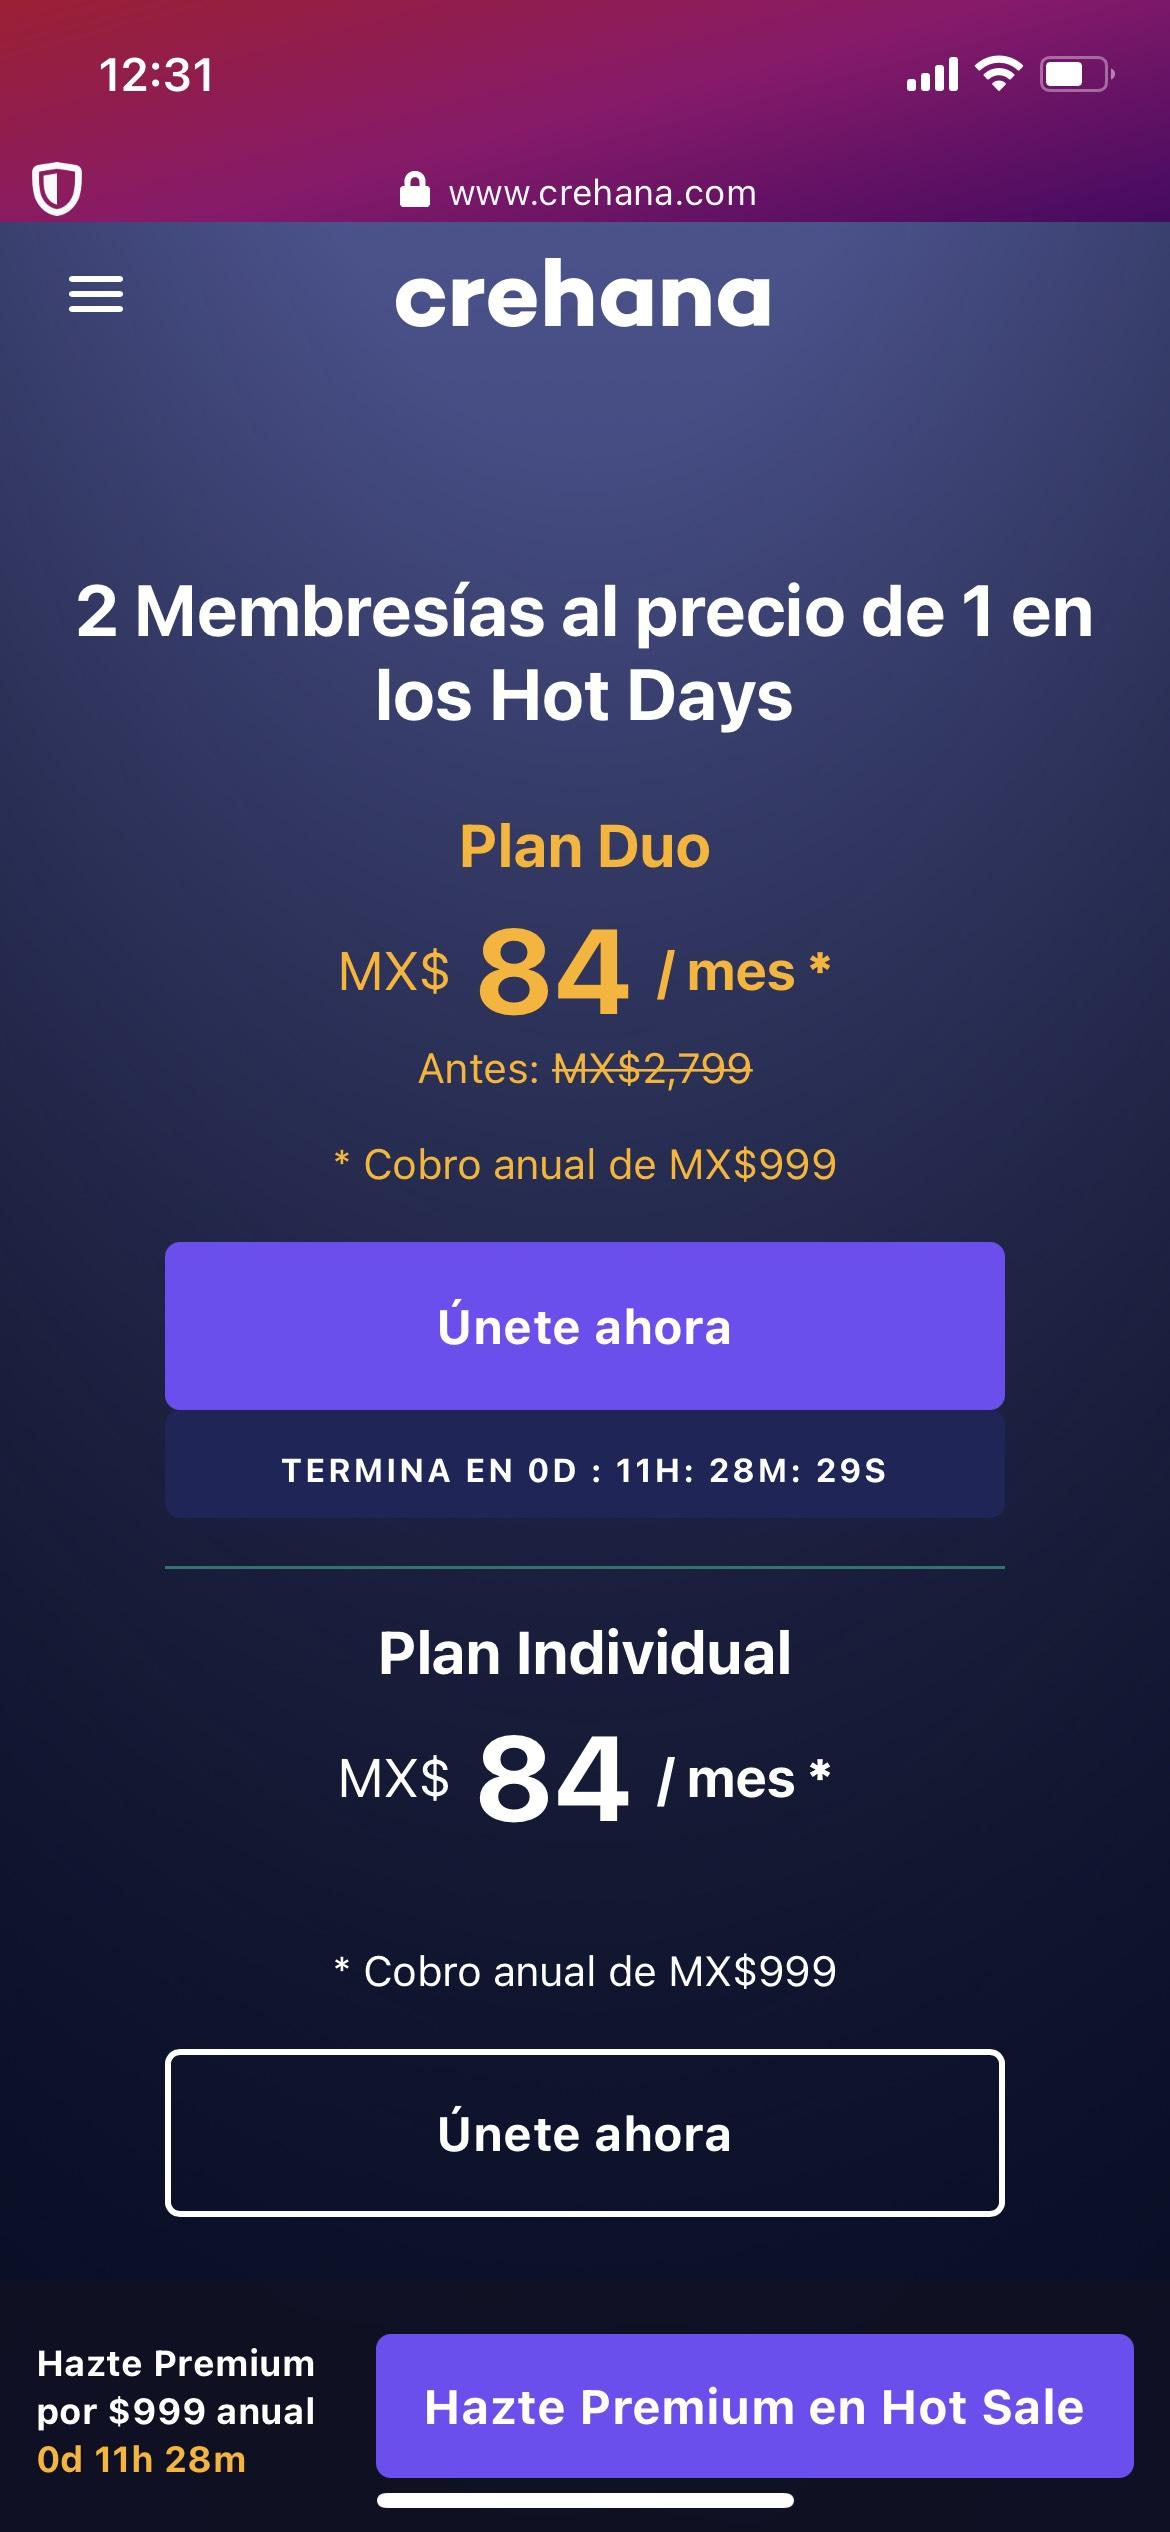 Crehana 50% Hot Days Membresía dúo